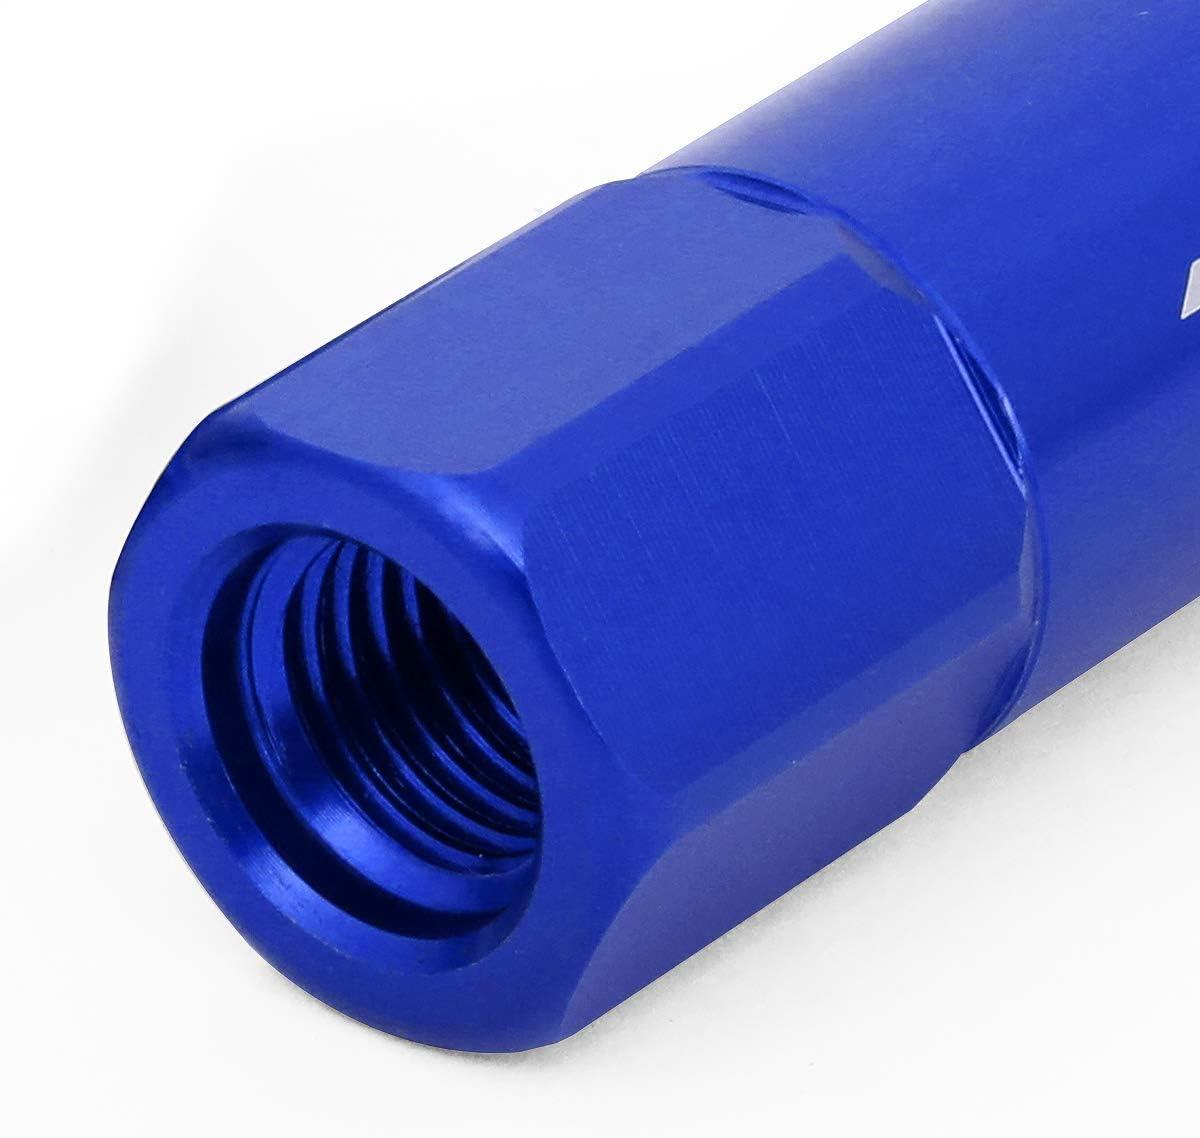 80mm Spiky Cap Lug Nut w//Adapter J2 Engineering LN-T7-022-15-BK 7075 Aluminum Black M12X1.5 20Pcs L